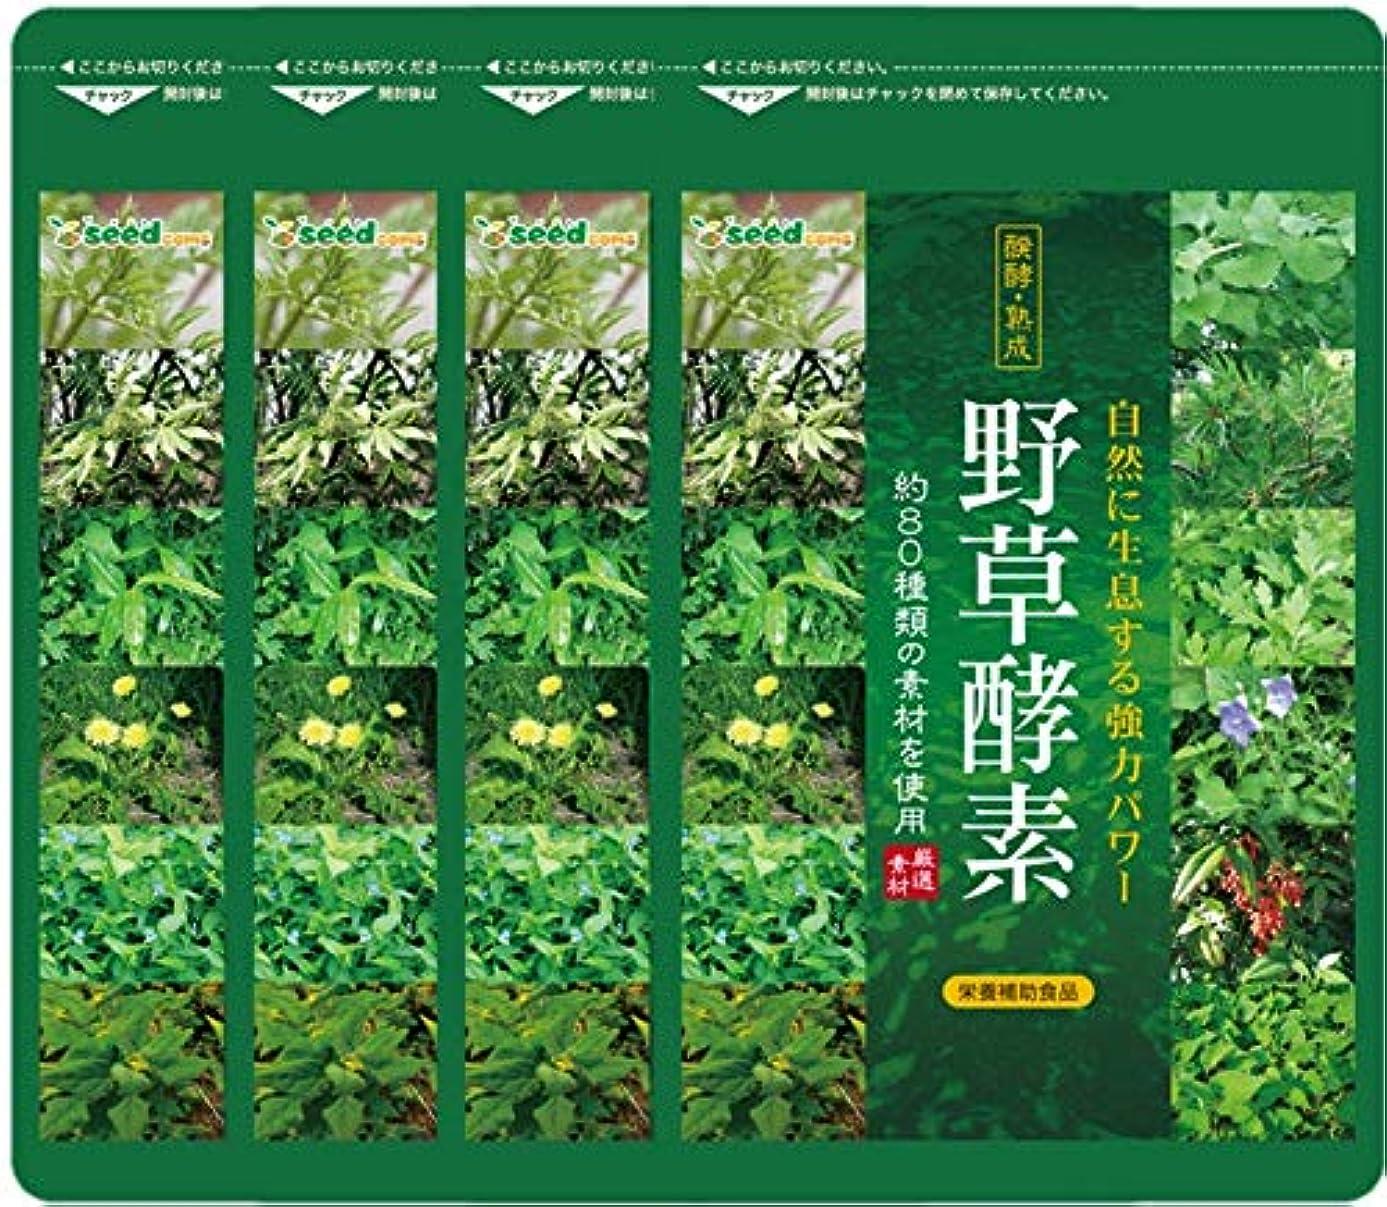 有能なするだろうメーカー【 seedcoms シードコムス 公式 】野草酵素 約12ヶ月分/360粒 (約80種類の自然が持つ栄養素を配合)